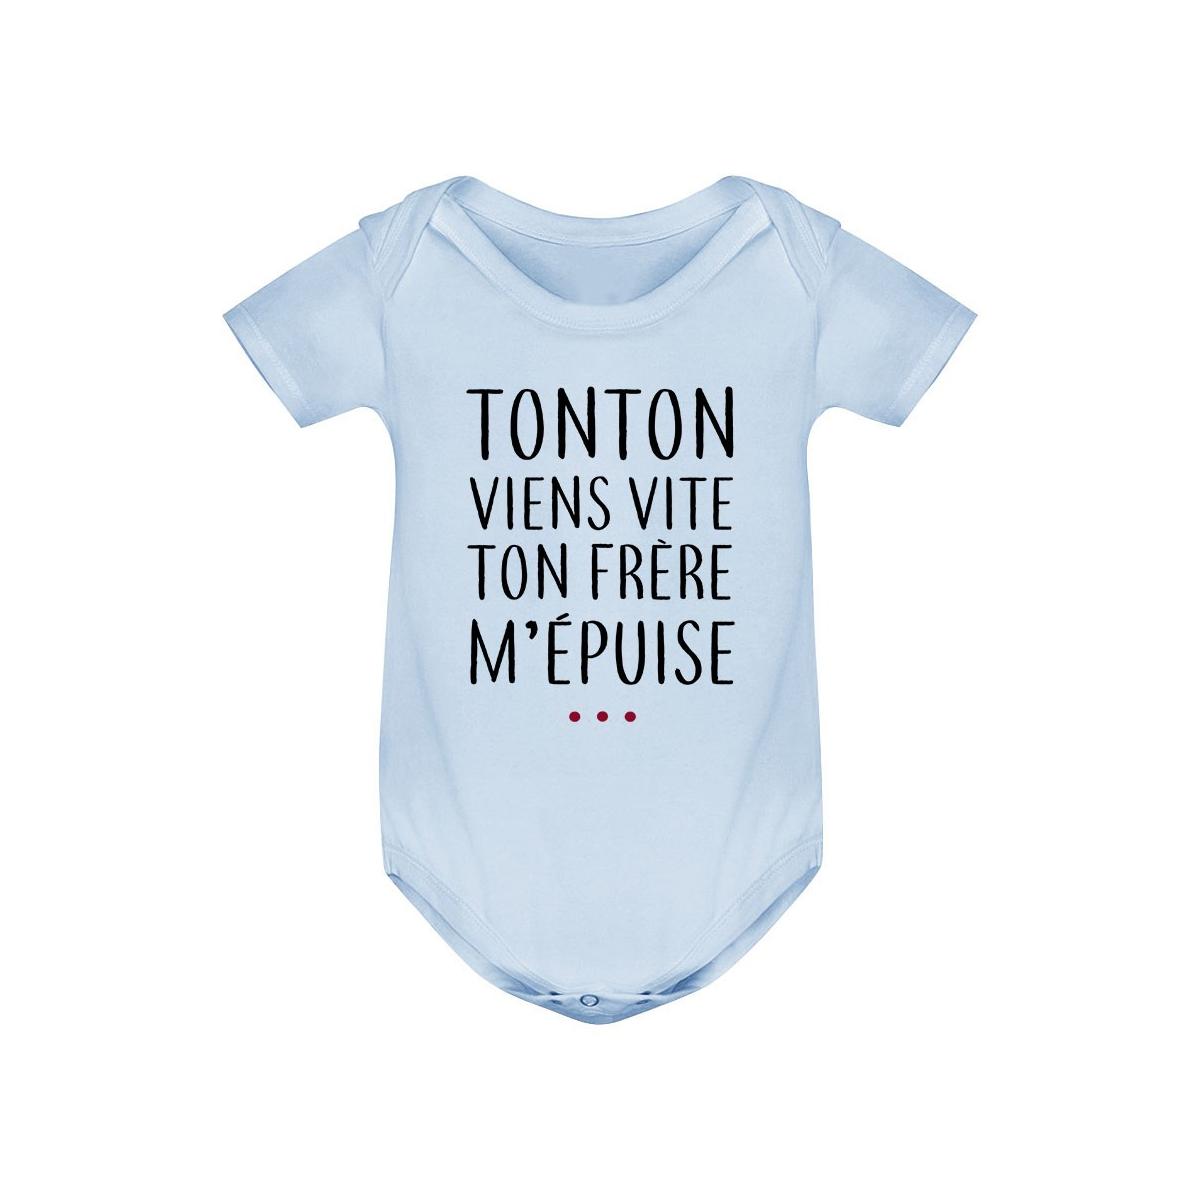 Body bébé Tonton vient vite ton frère m'épuise